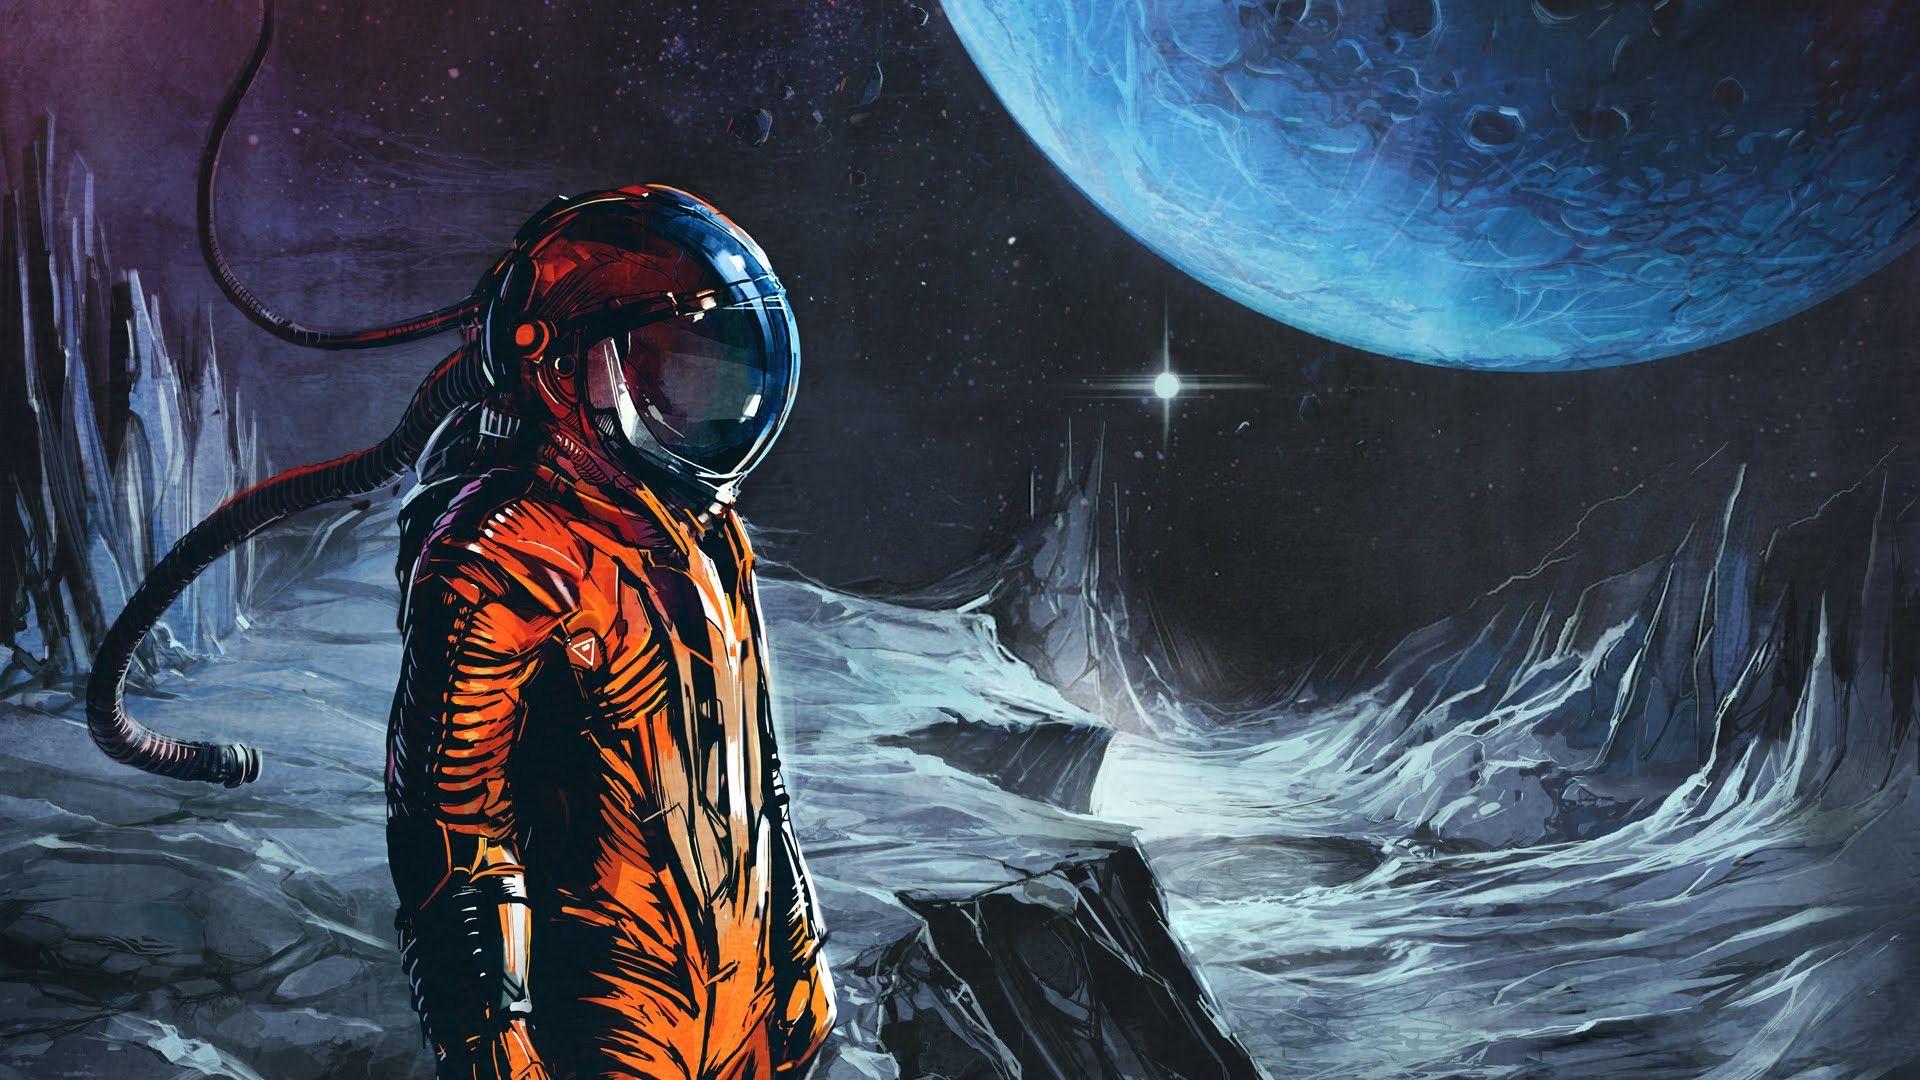 retro sci fi wallpaper | retro sci-fi | pinterest | sci fi wallpaper